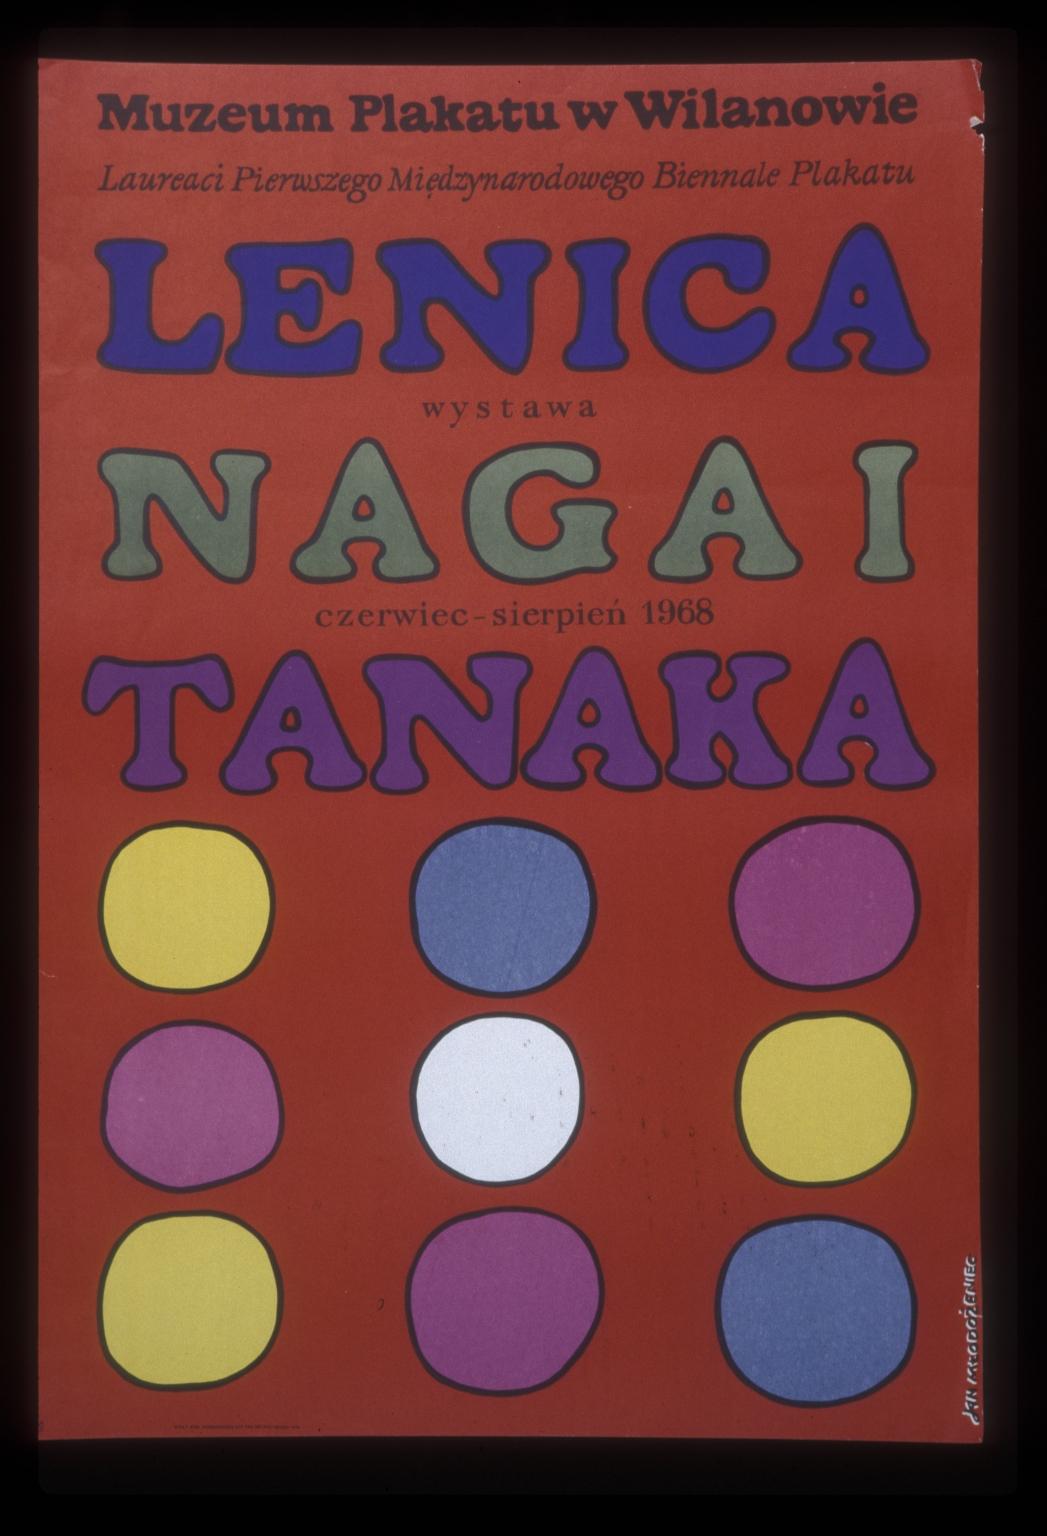 Lenica, Nagai, Tanaka: laureaci pierwszego Miedzynarodowego Biennale Plakatu : wystawa, czerwiec-sierpien1968, Muzeum Plakatu w Wilanowie